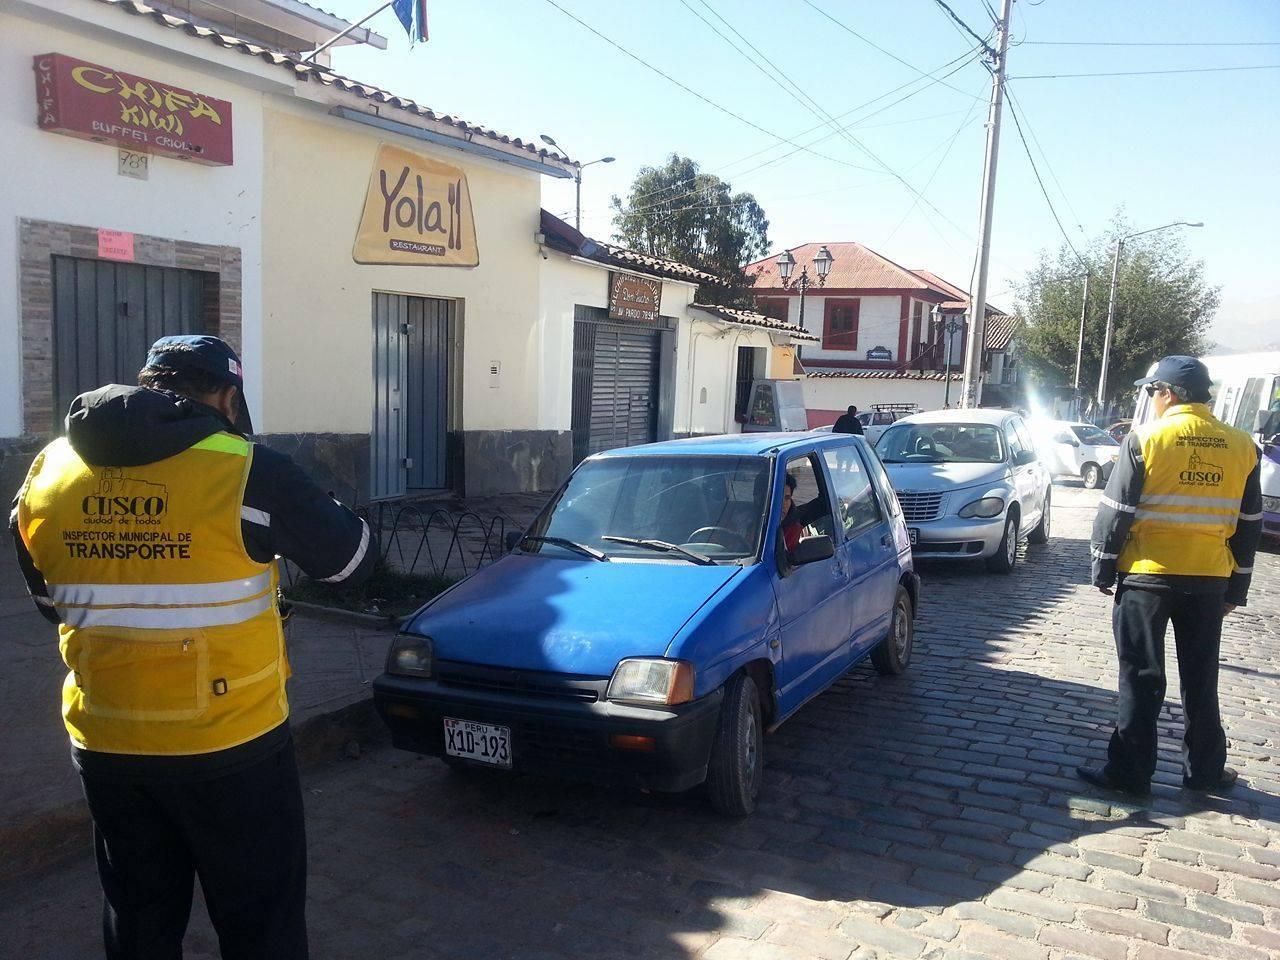 GERENCIA DE TRÁNSITO INTENSIFICA CONTROL DE UNIDADES VEHICULARES TICO EN DIFERENTES SECTORES DE LA CIUDAD